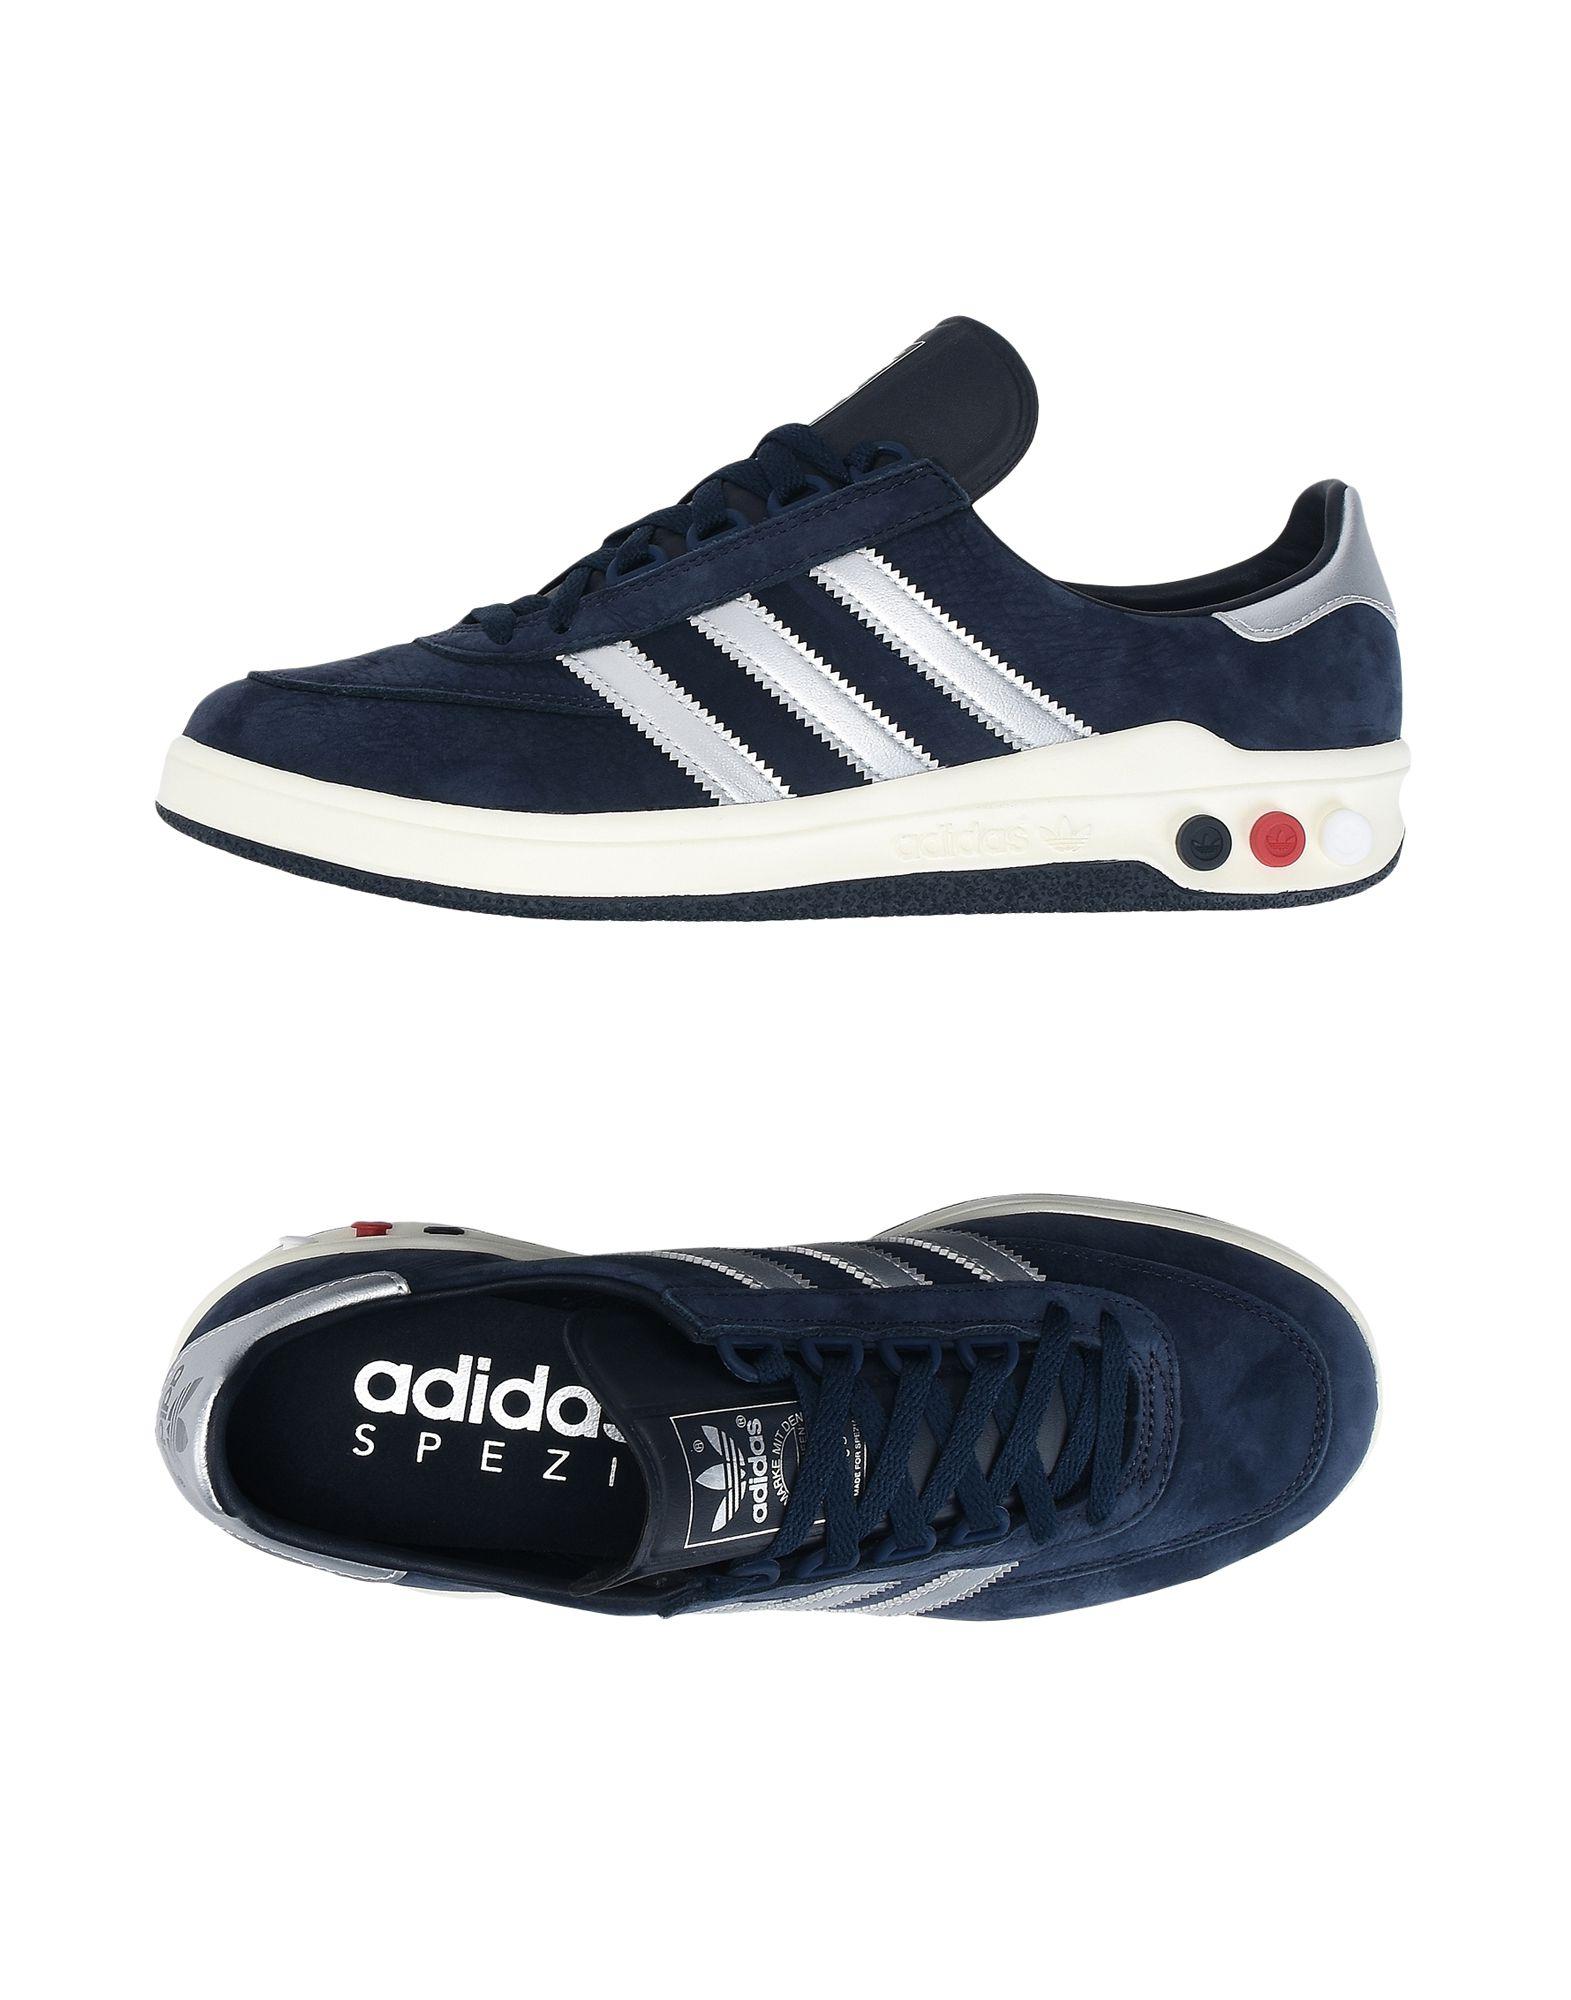 Sneakers Adidas Originals Columbia Spezial Spezial Spezial - Uomo - 11458958WQ 2b6487